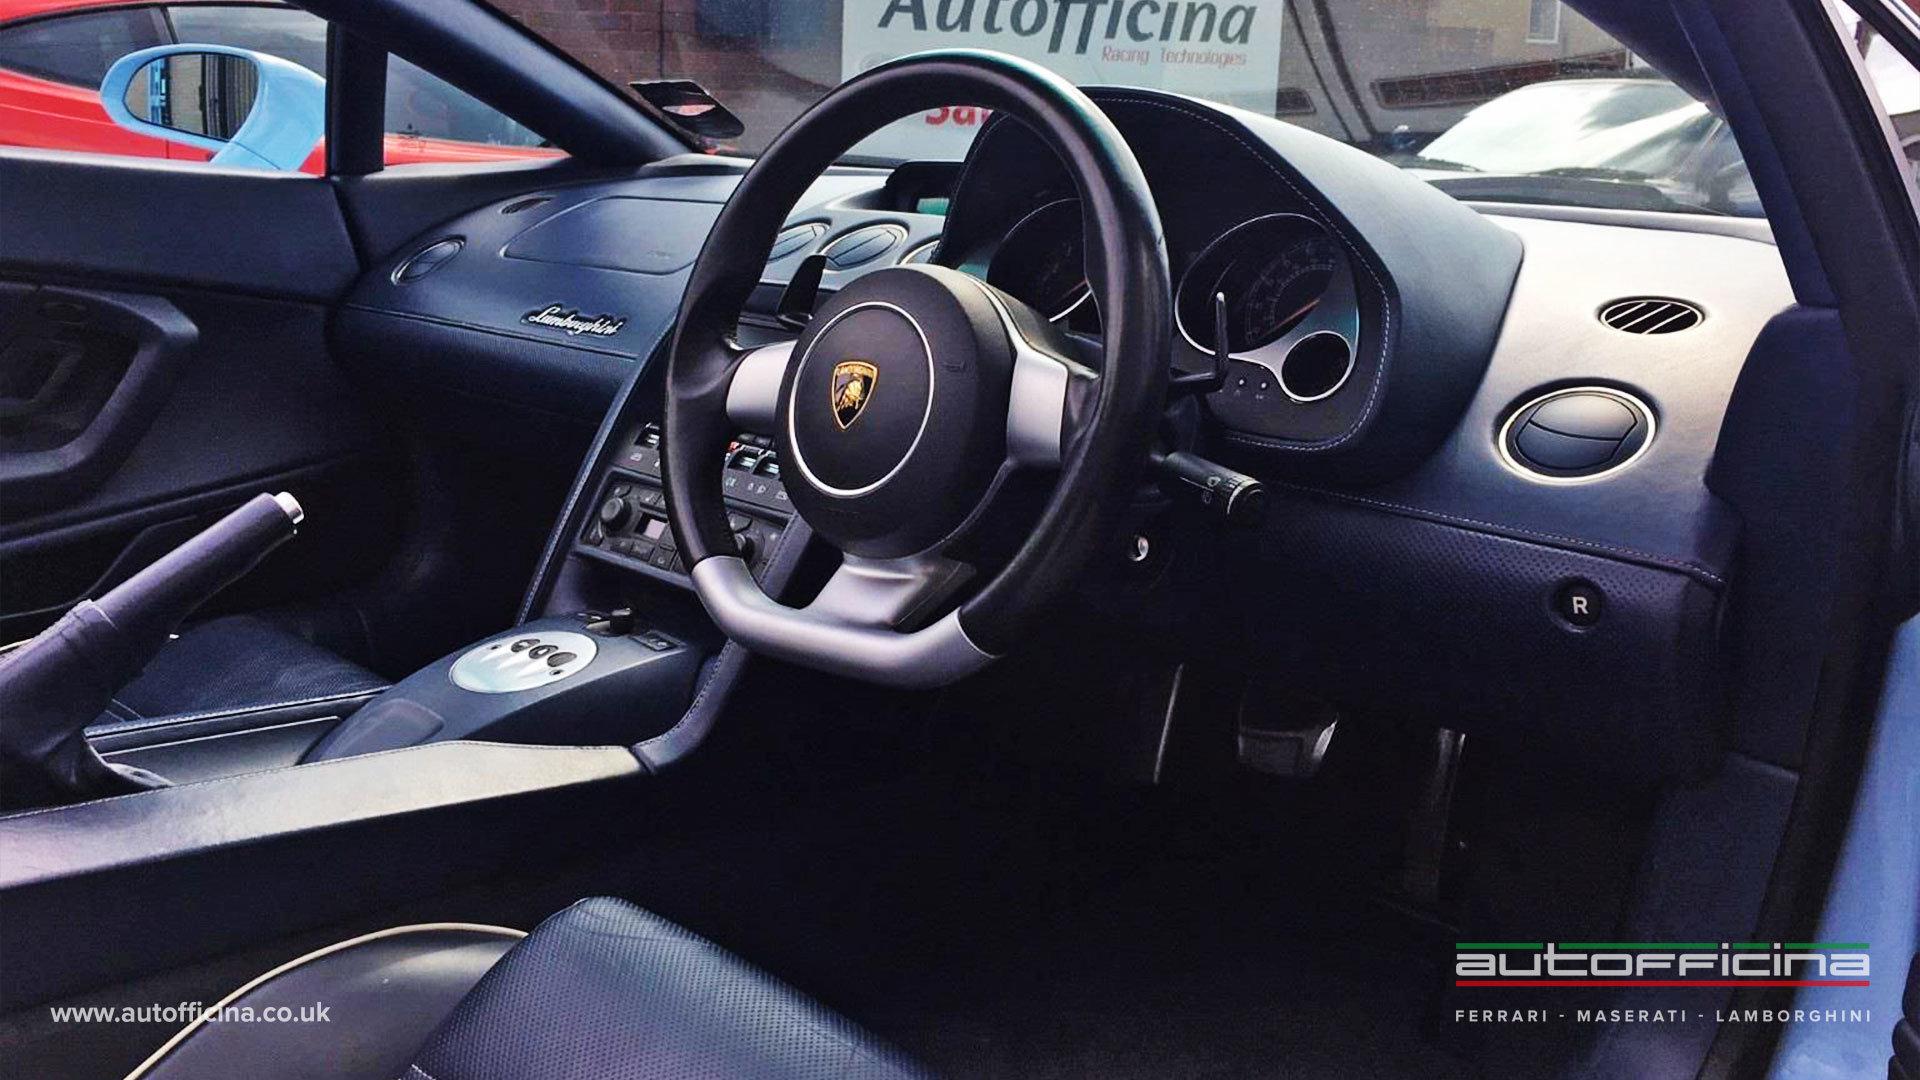 2007 Lamborghini Gallardo For Sale (picture 4 of 5)